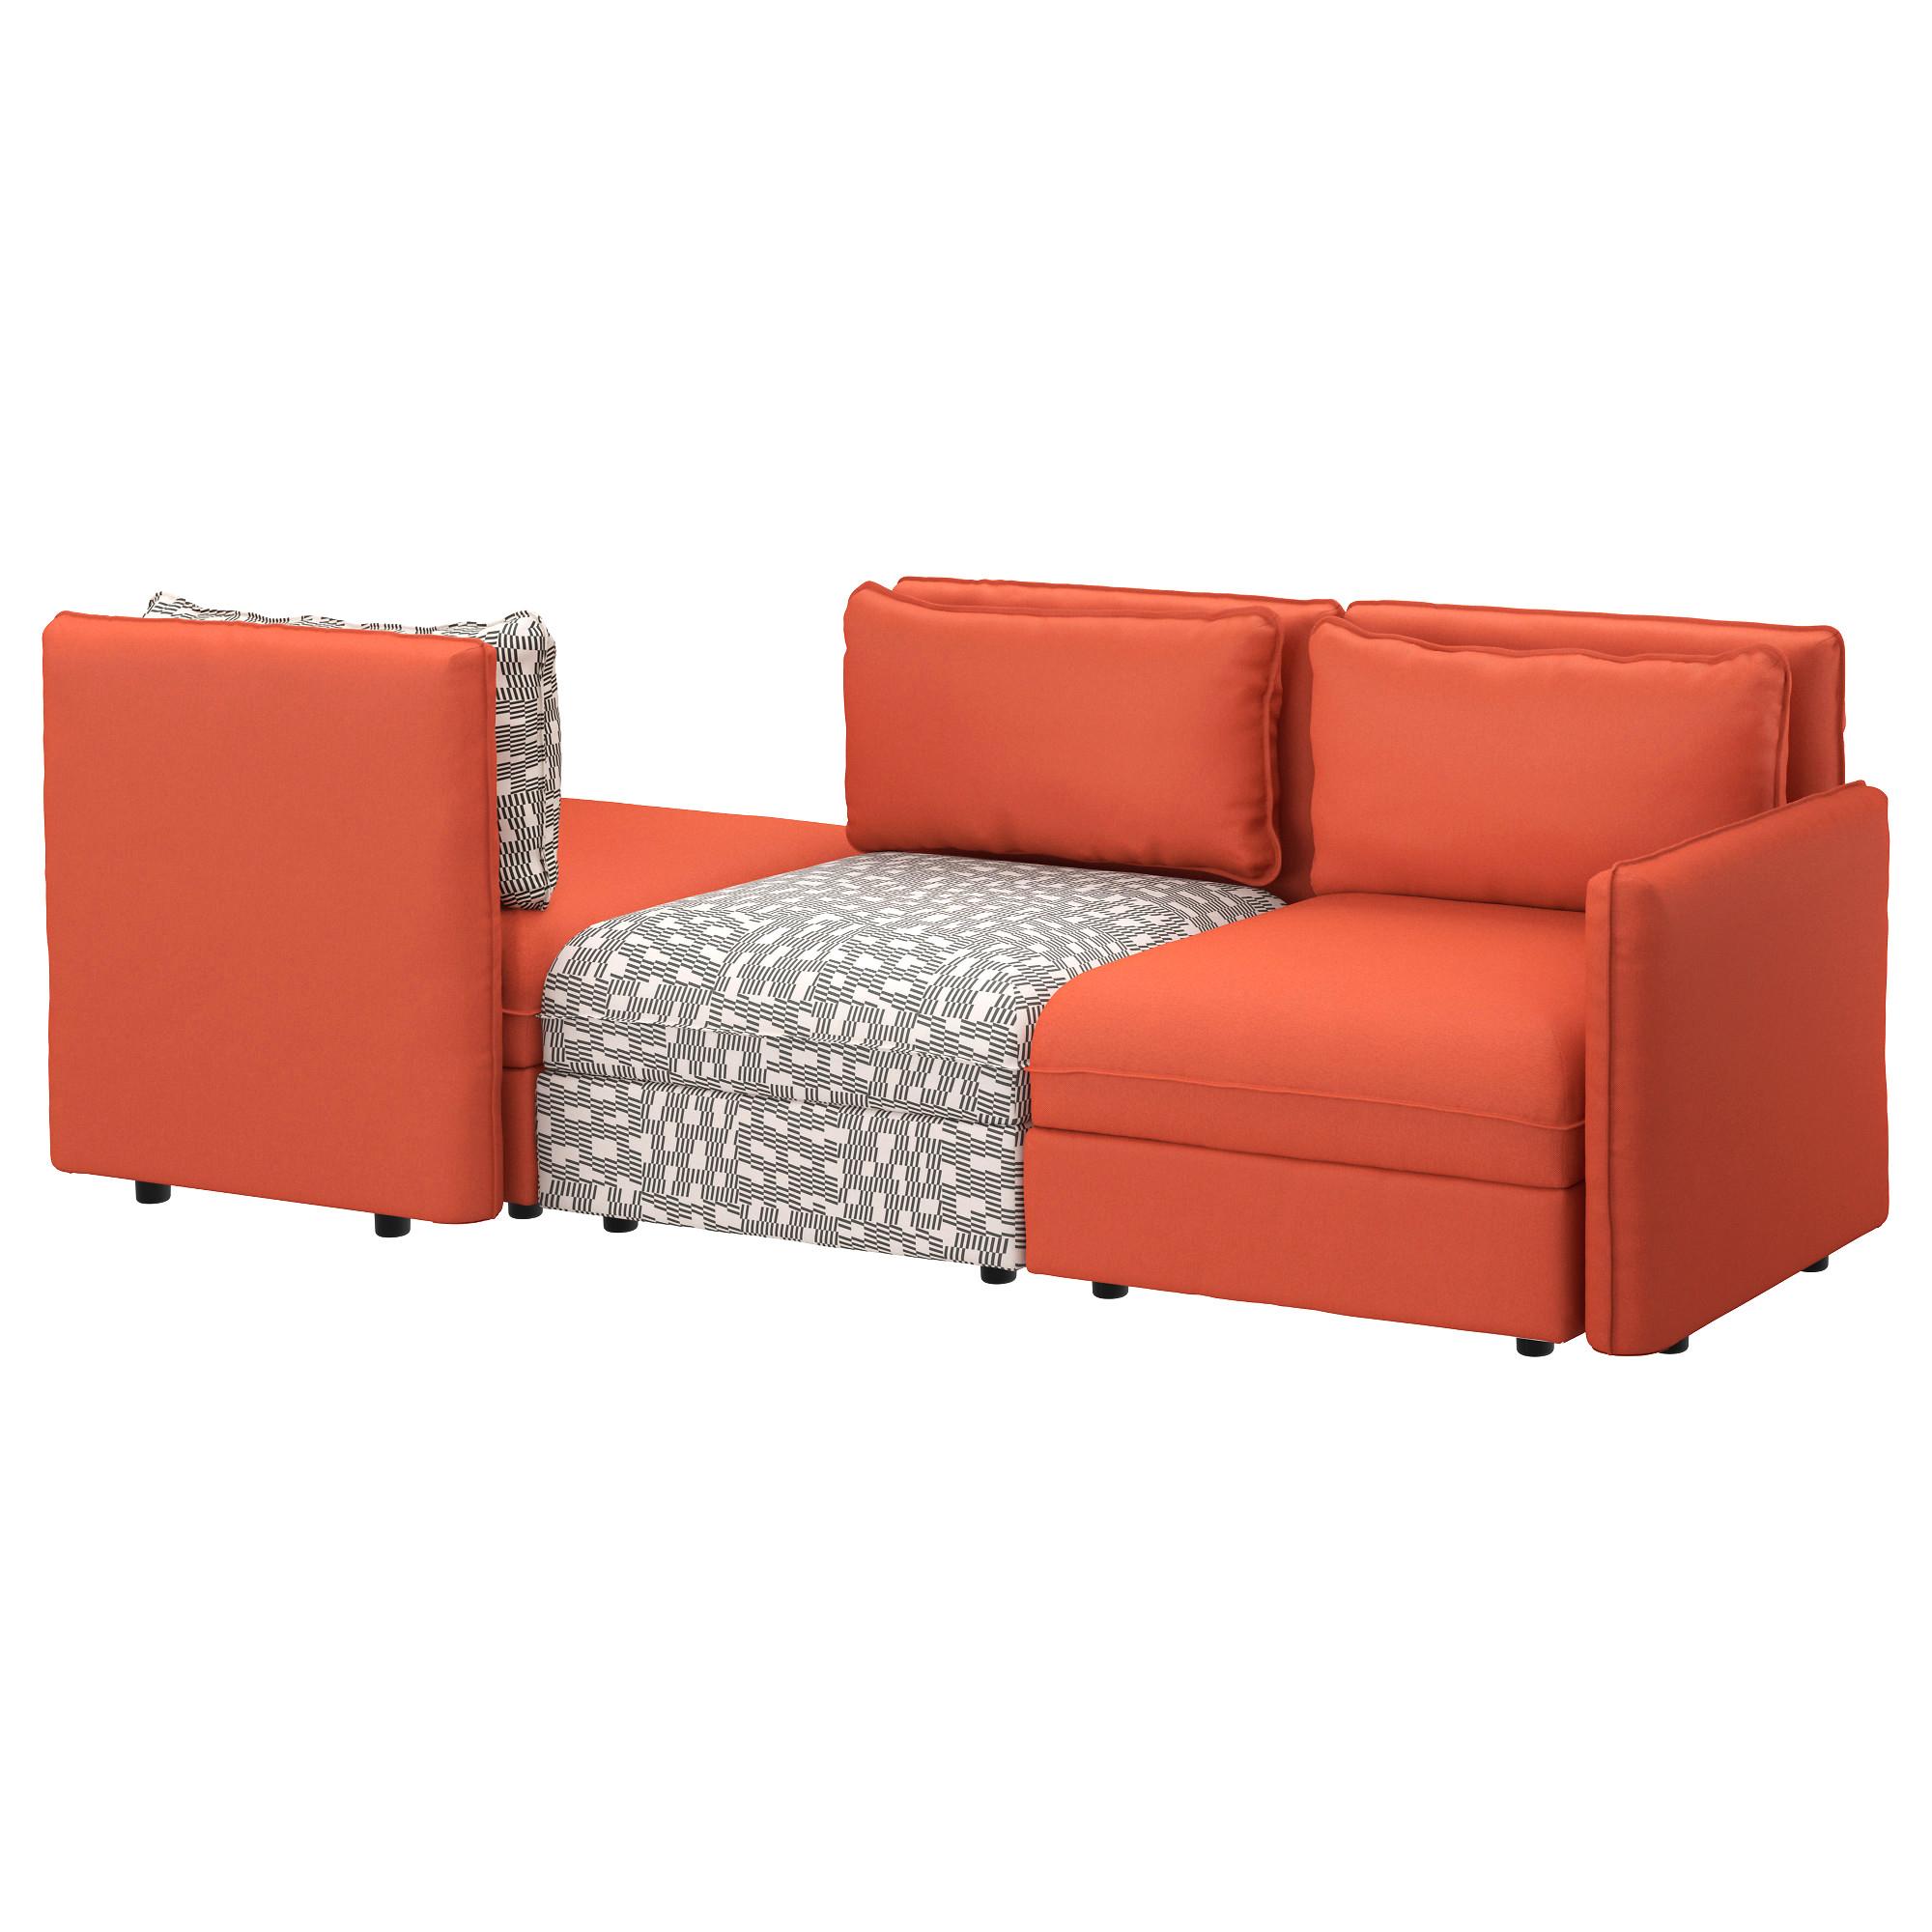 Housse Canapé 3 Places Gifi Frais Photos Clic Clac Ikea Pas Cher Canap Convertible Clic Clac Ikea Ikea Clic